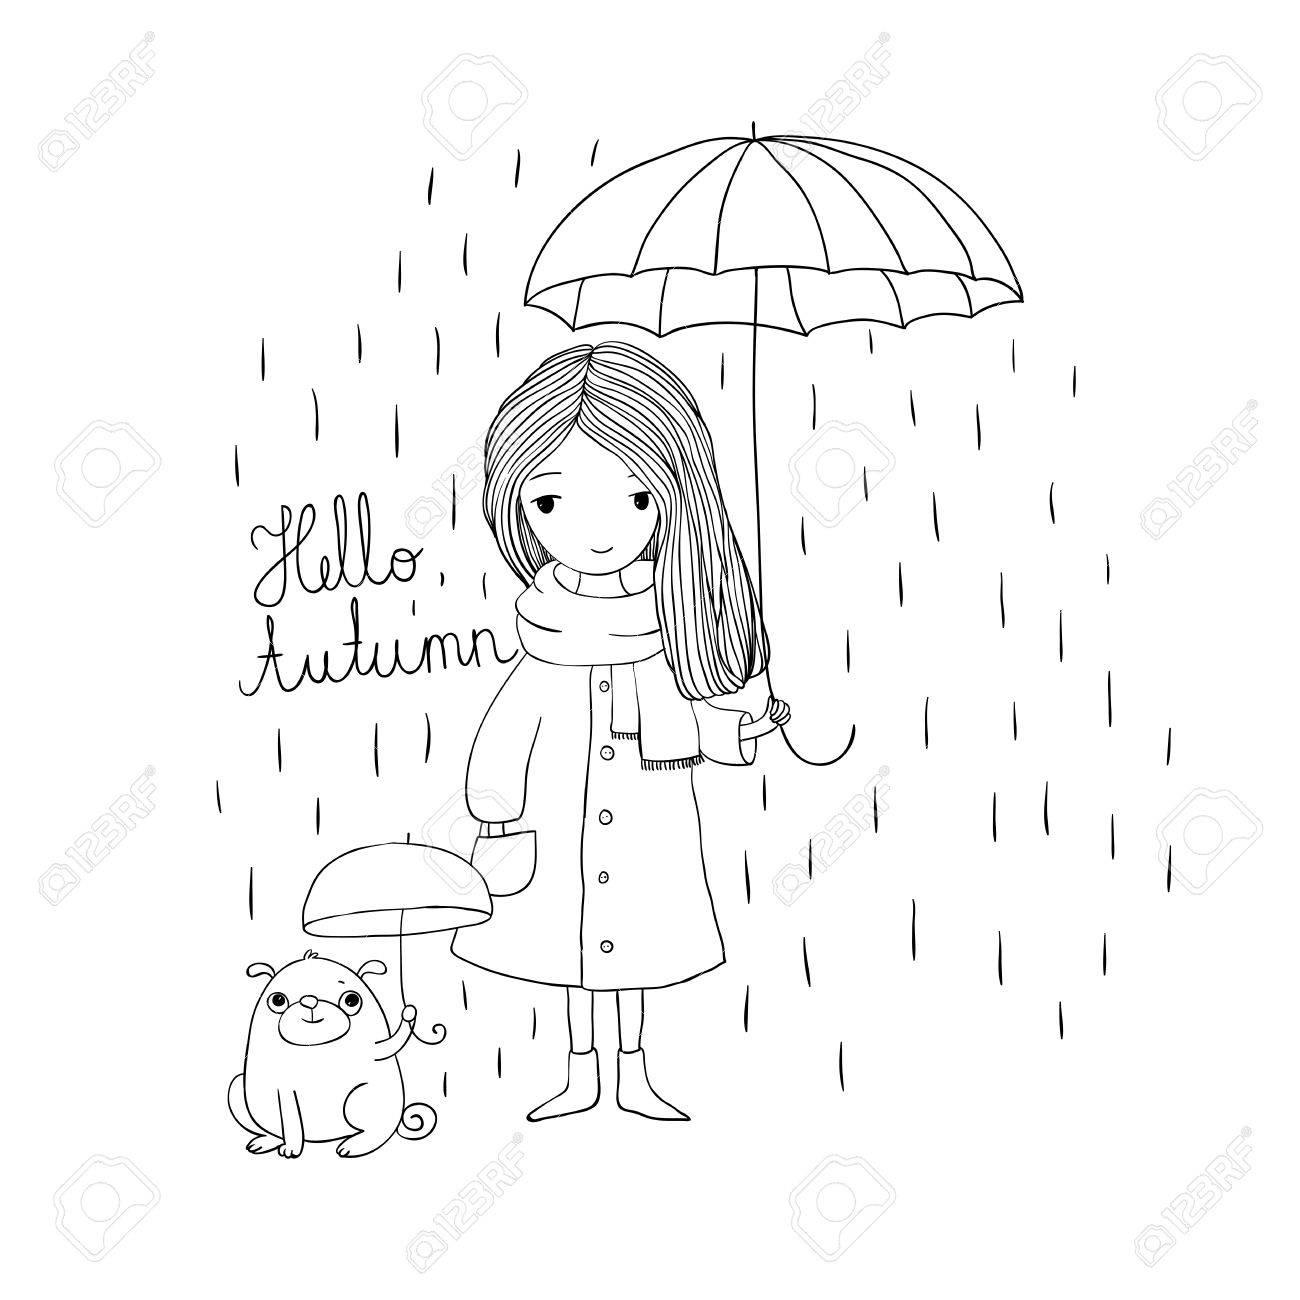 1300x1300 Beautiful Little Girl And A Cute Cartoon Pug Under An Umbrella